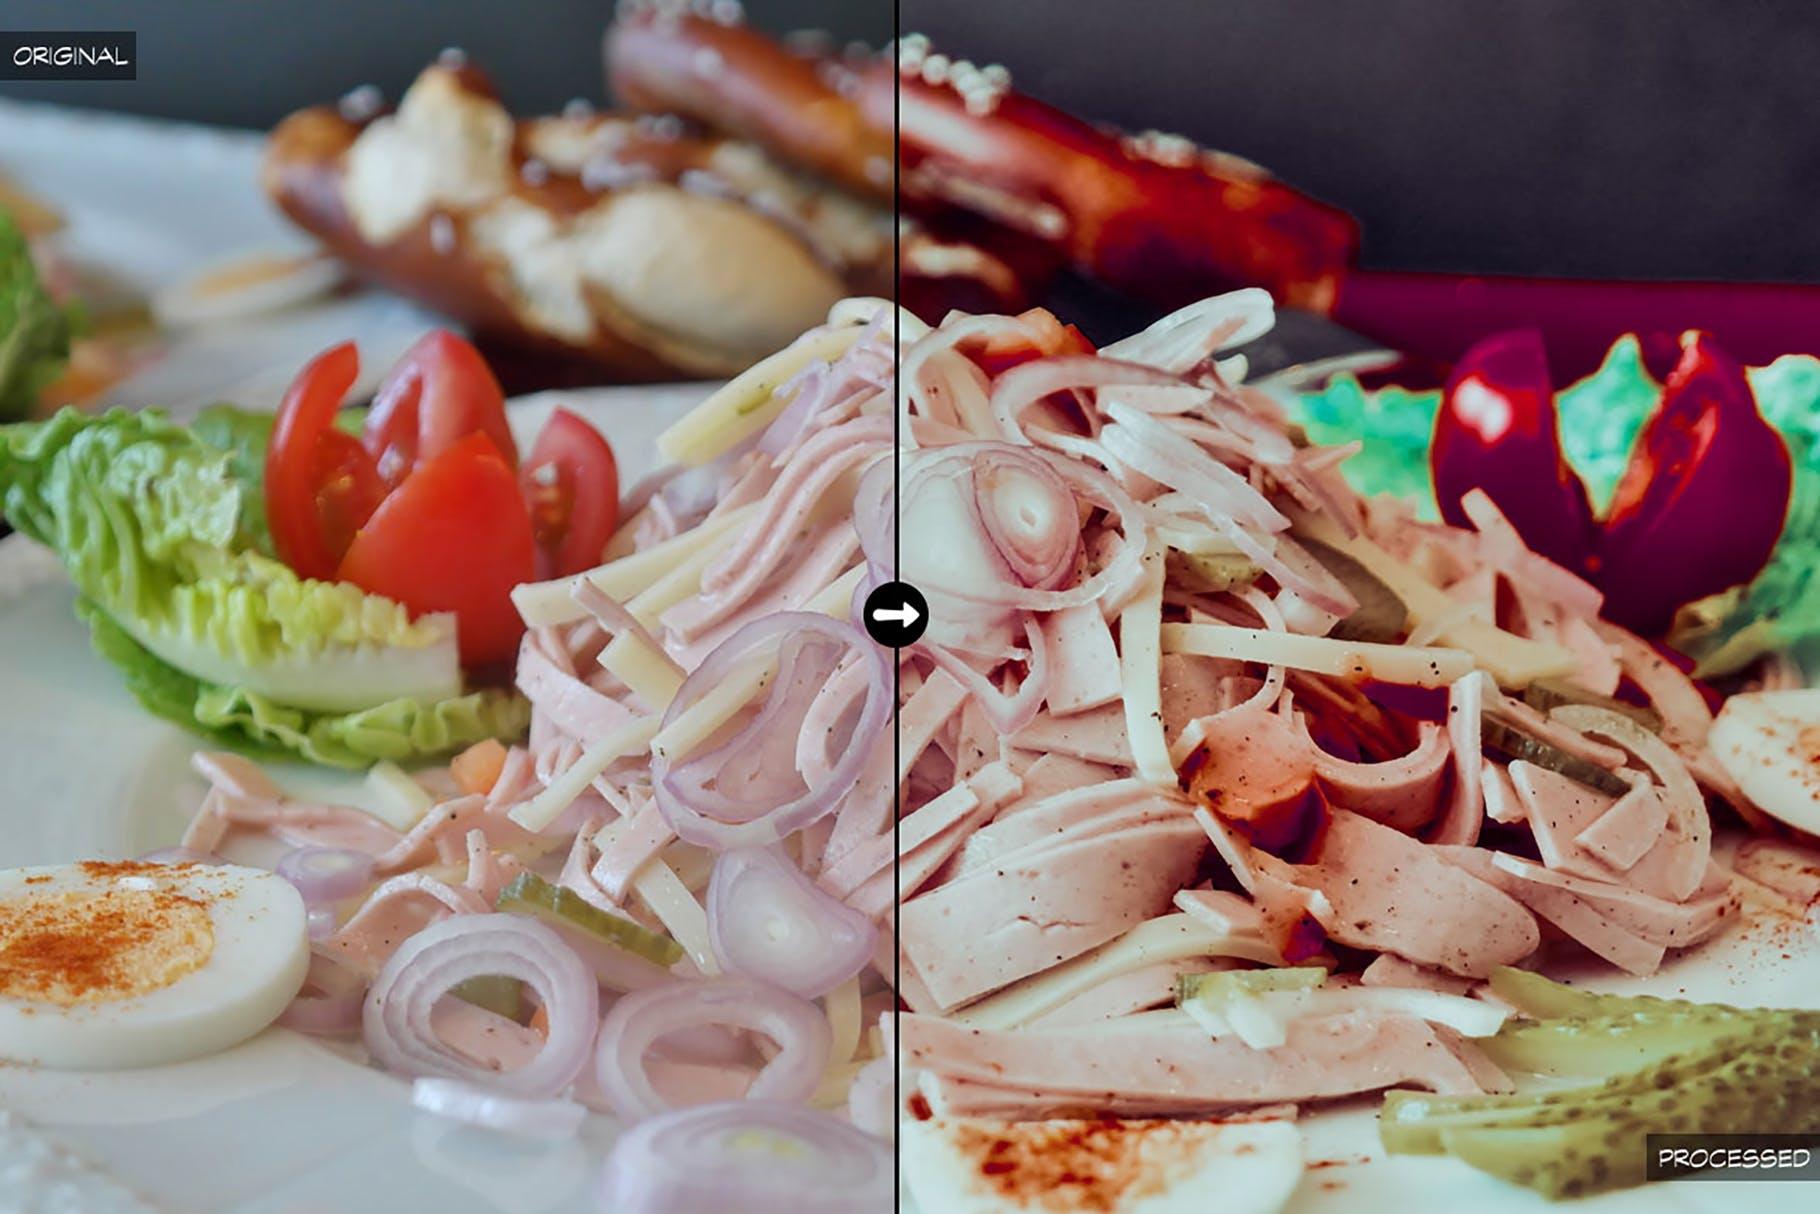 冷调美食景物照片lightroom滤镜lightroom预设下载设计素材模板